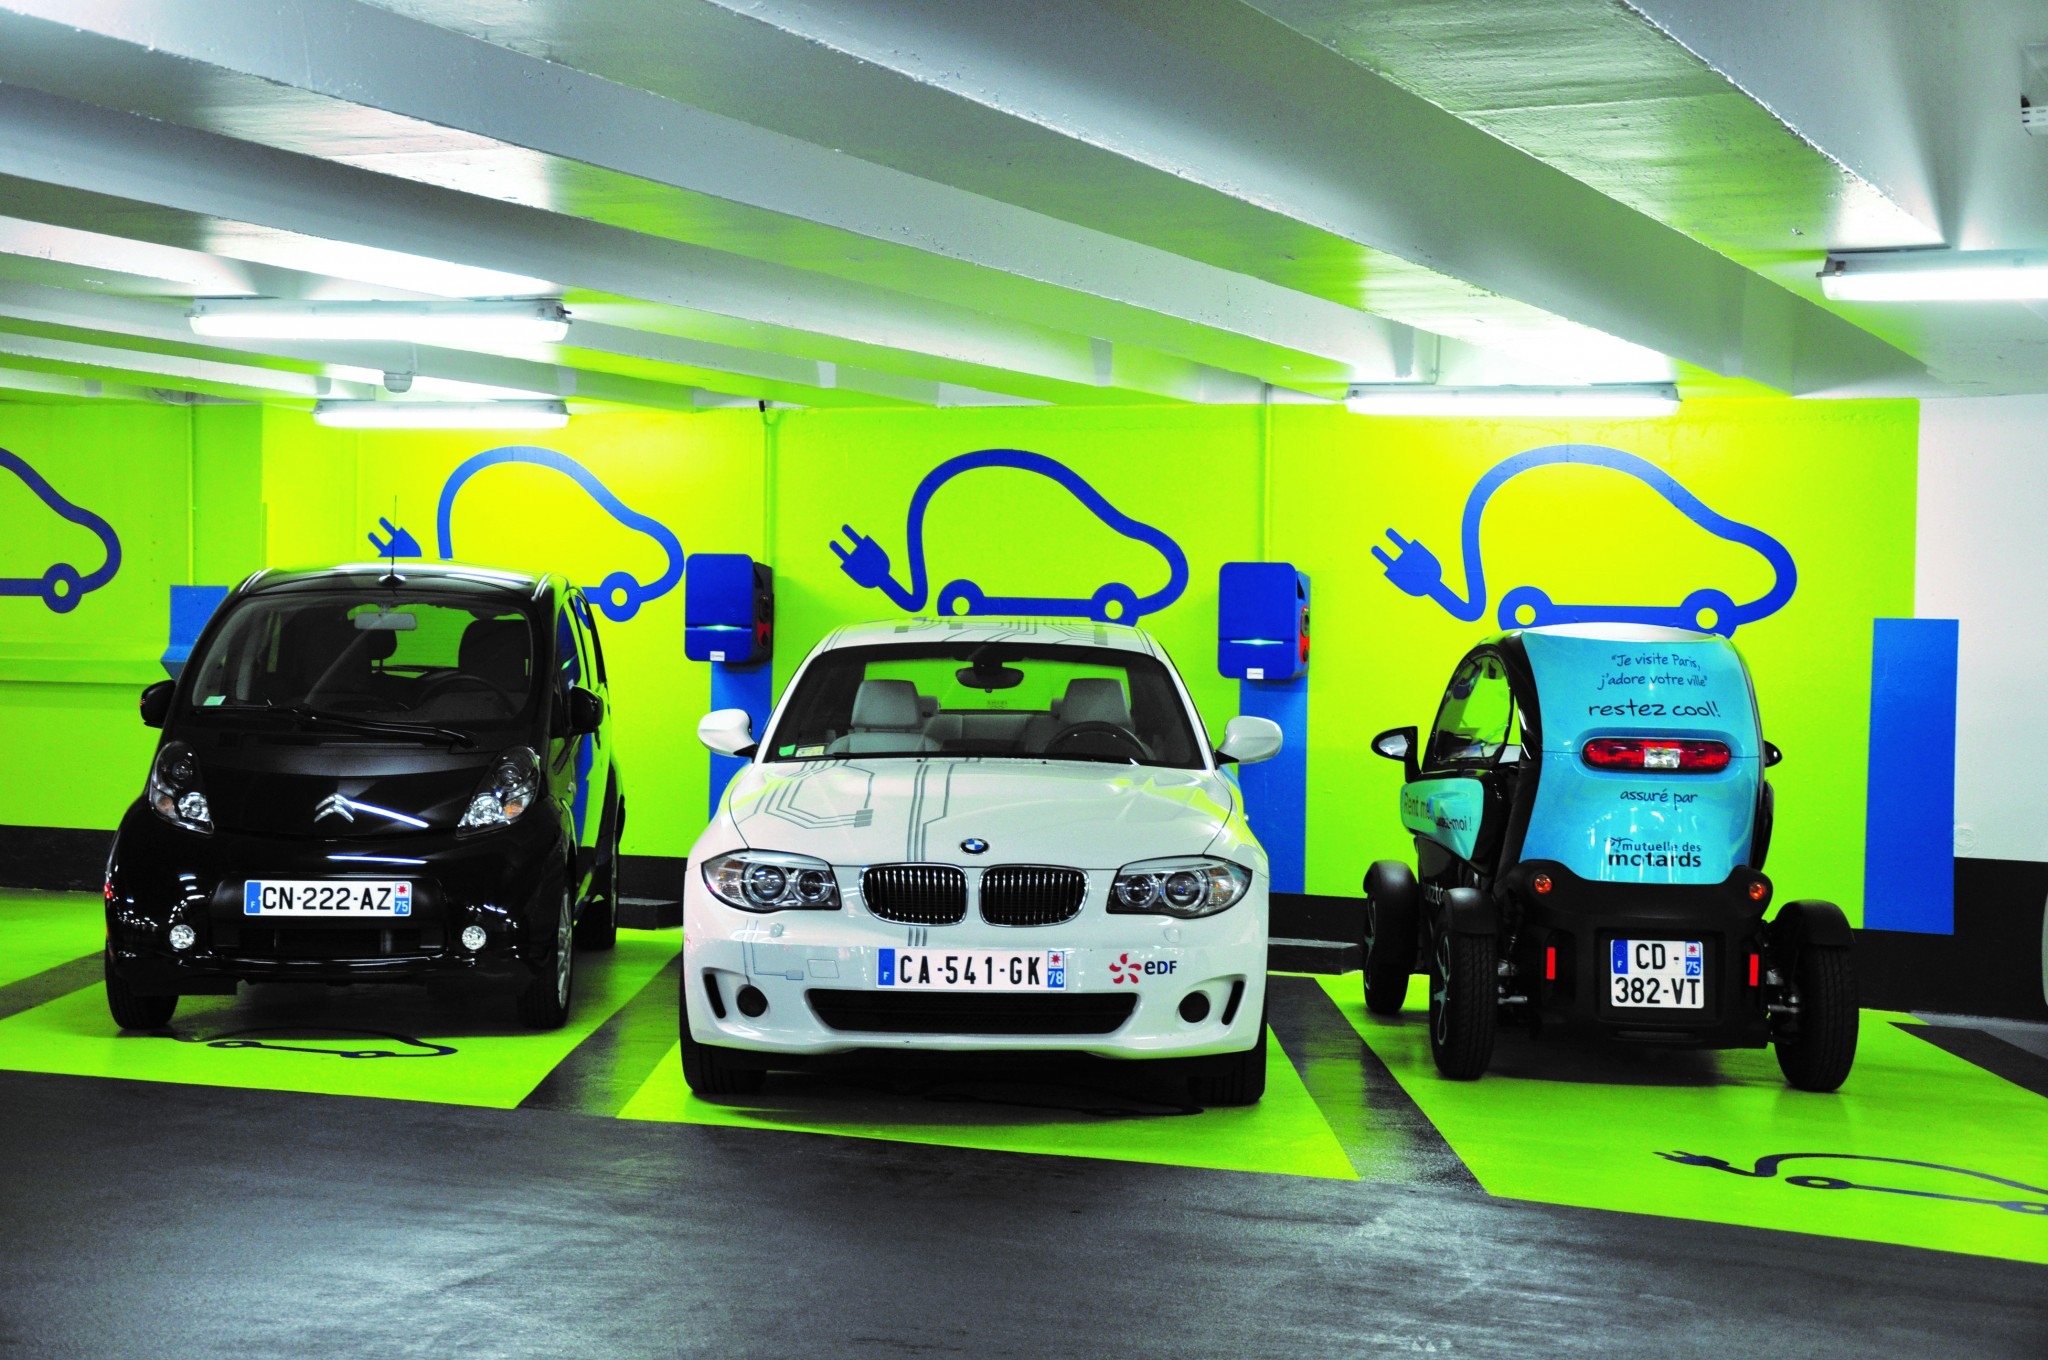 voiture_electriques_bornes_recharge_parking